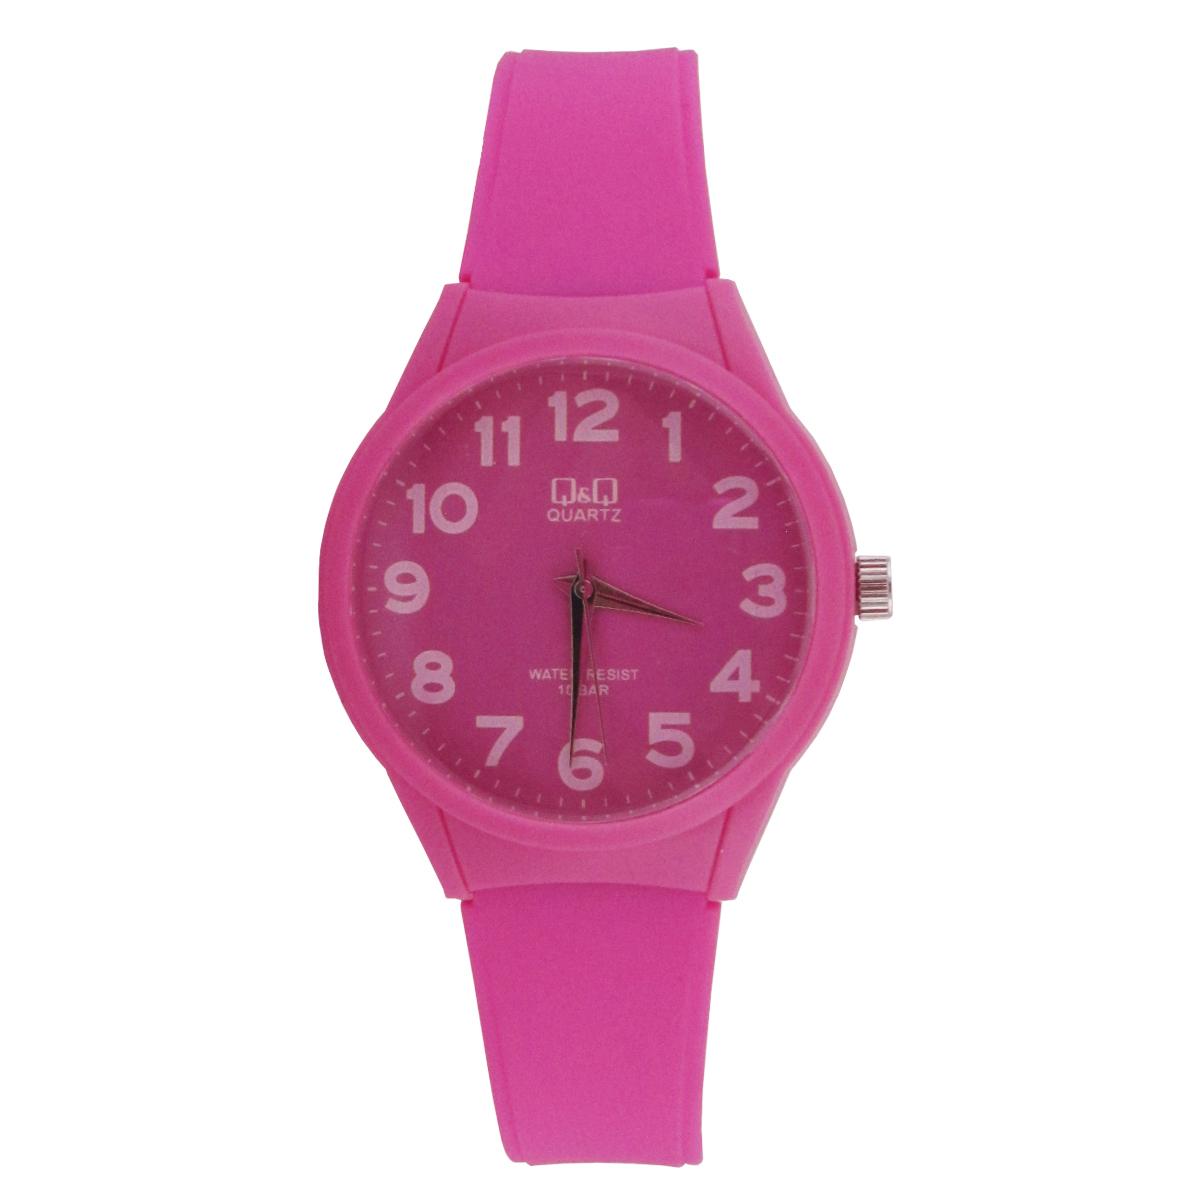 ساعت مچی عقربه ای کیو اند کیو مدل p9-11              خرید (⭐️⭐️⭐️)